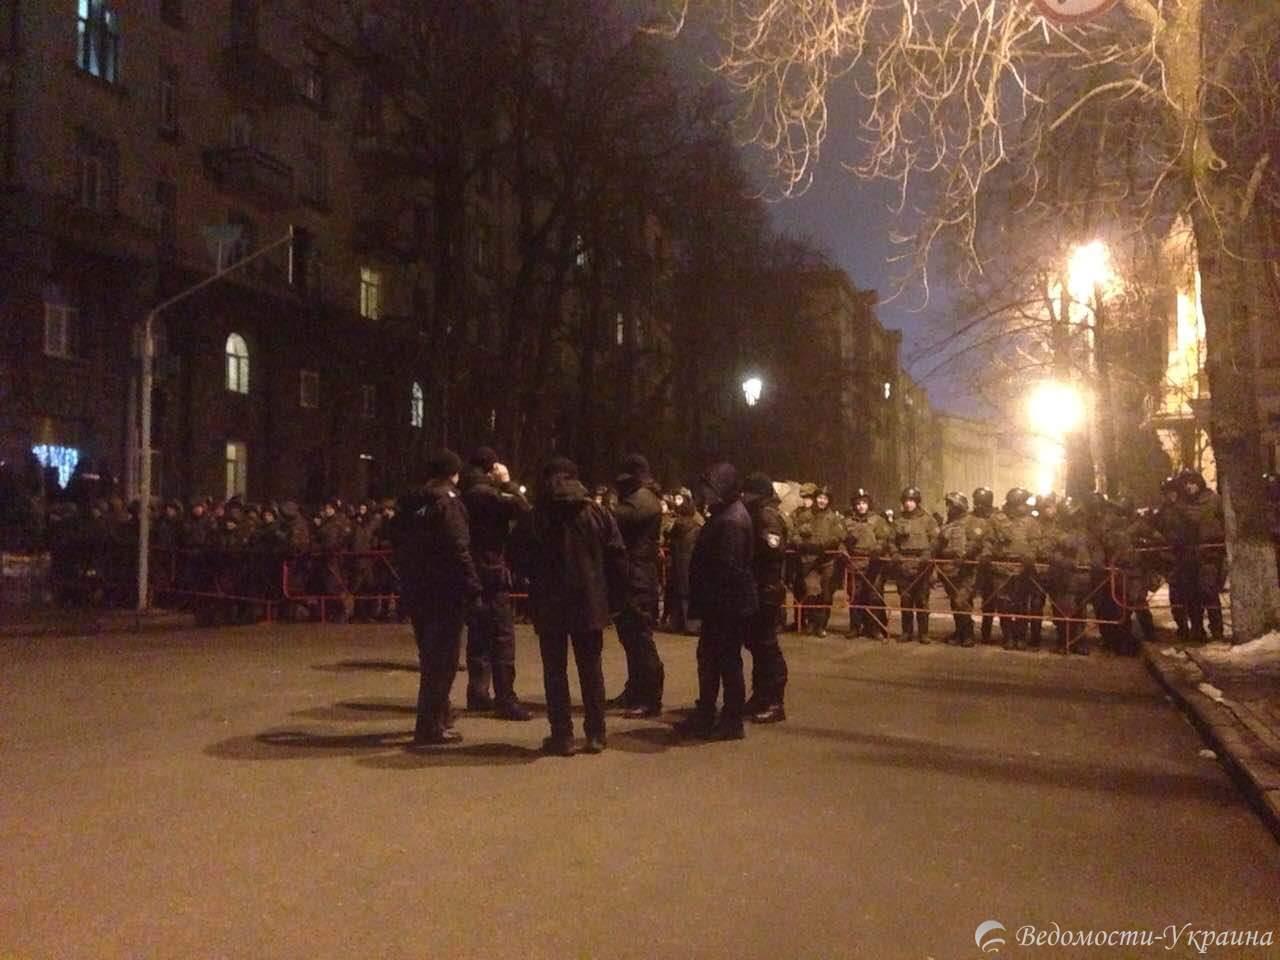 Правительственный квартал в Киеве окружен силовиками (Фото)